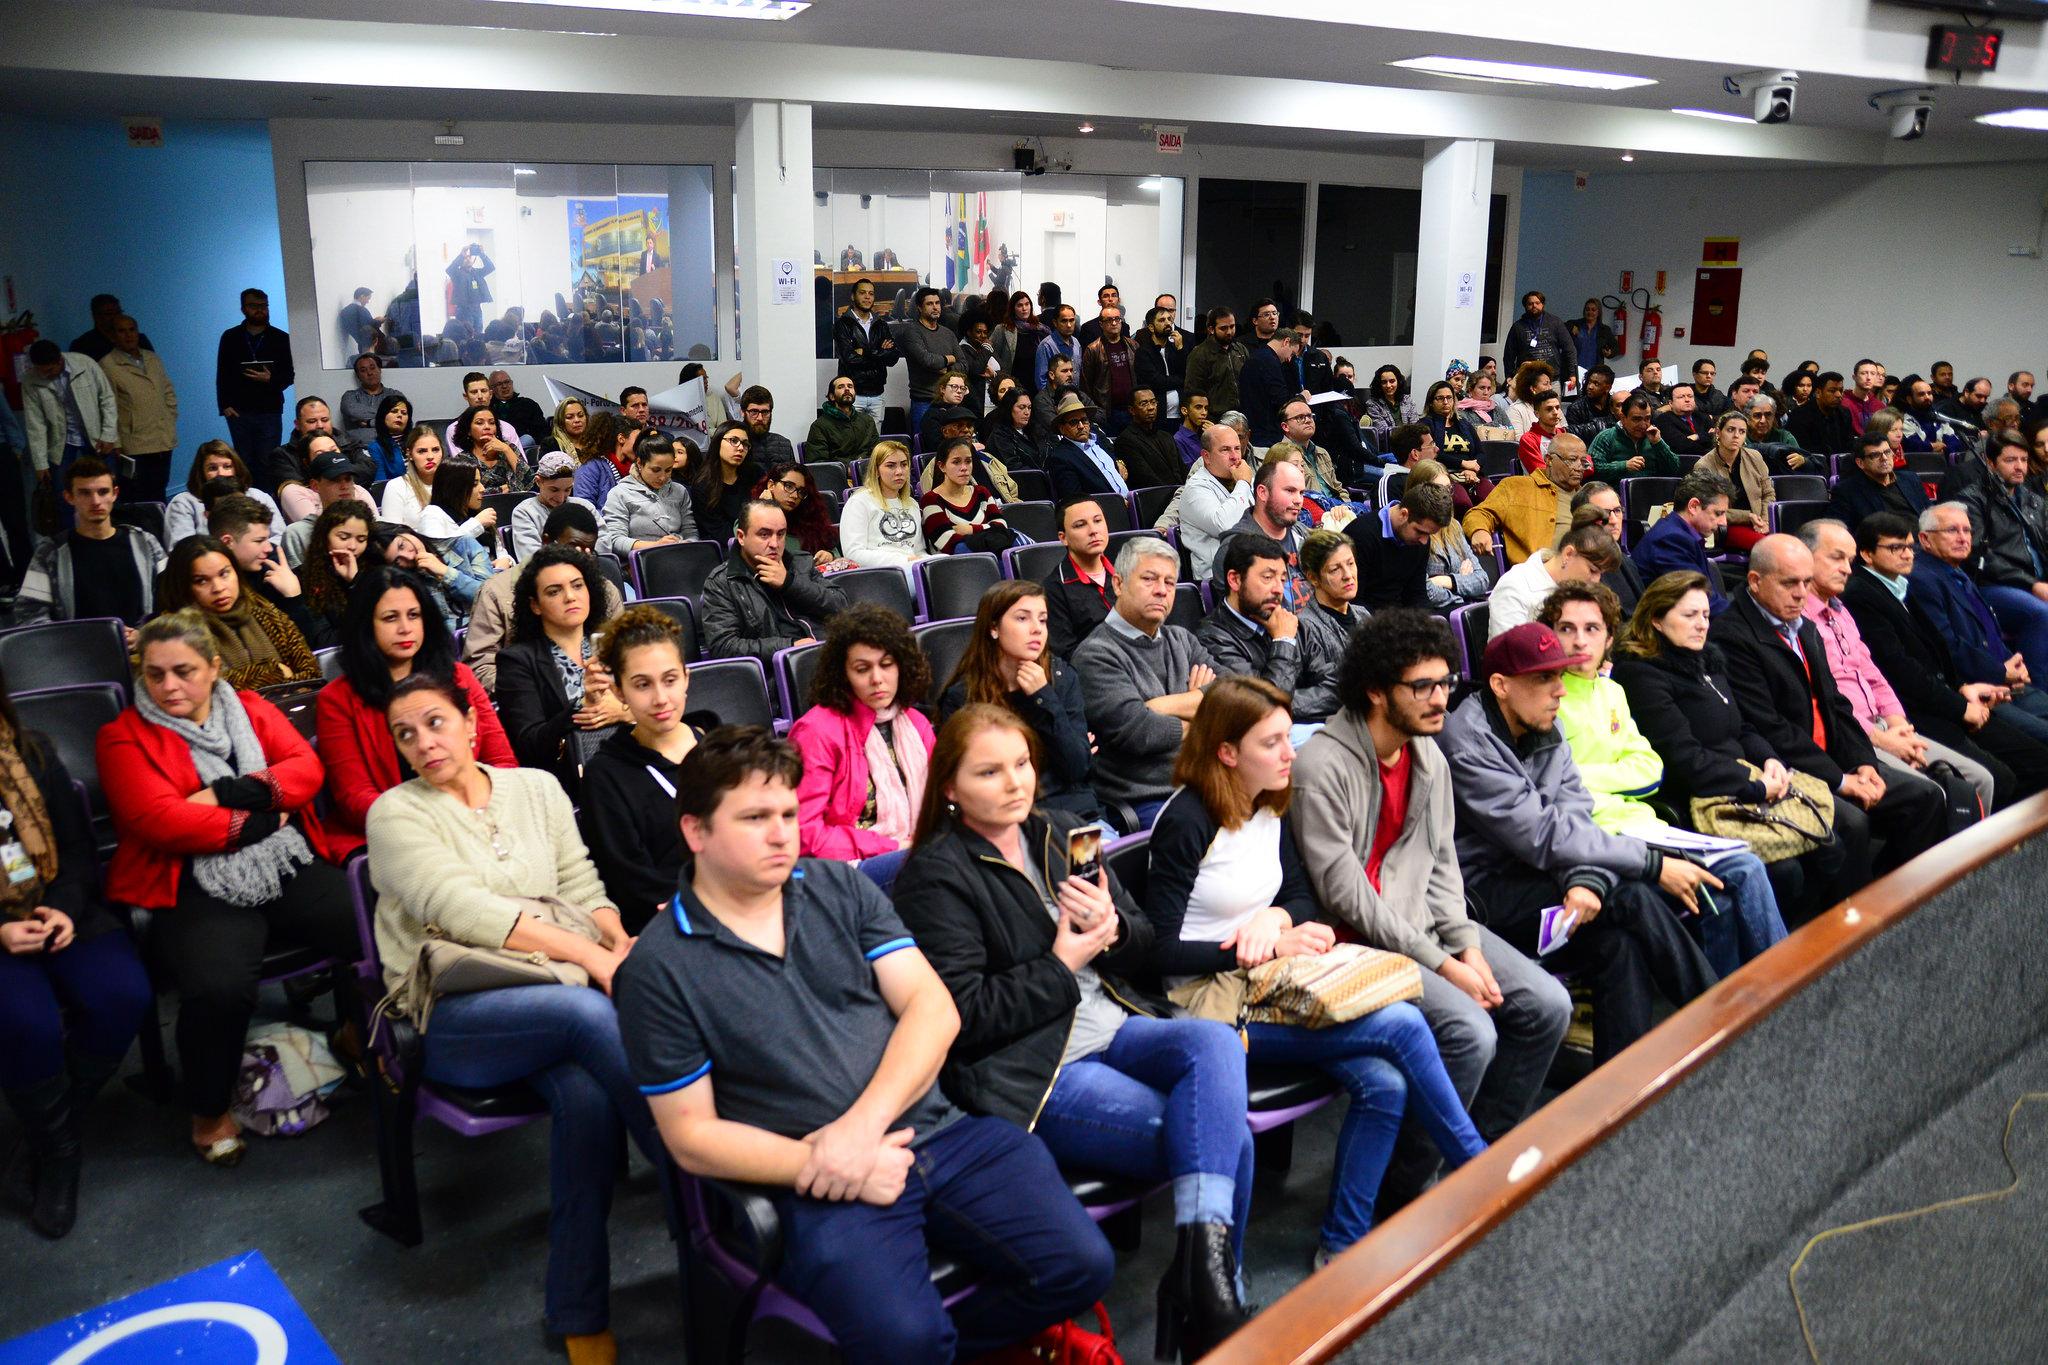 Câmara ficou cheia e para o presidente da audiência, vereador Maurício Peixer, discussão deu empate | Foto Nilson Bastian/CVJ